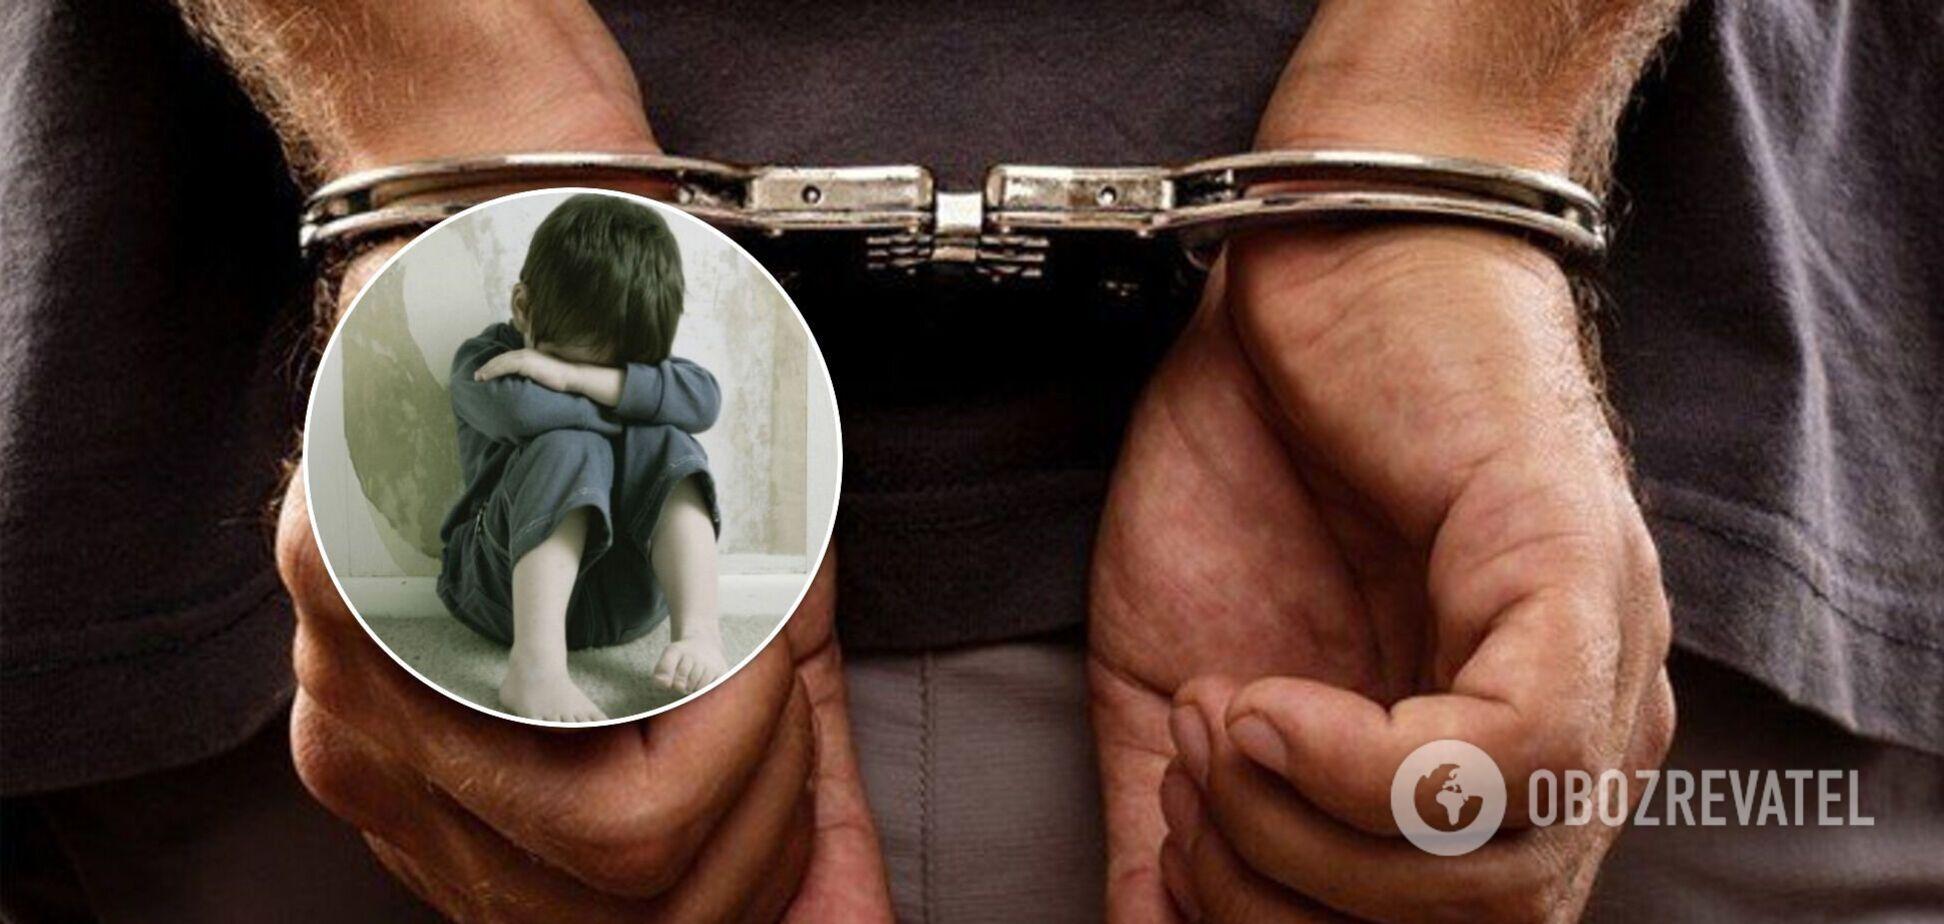 На Одещині затримали серійного ґвалтівника дітей, який почав злочинну 'кар'єру' ще за Брежнєва